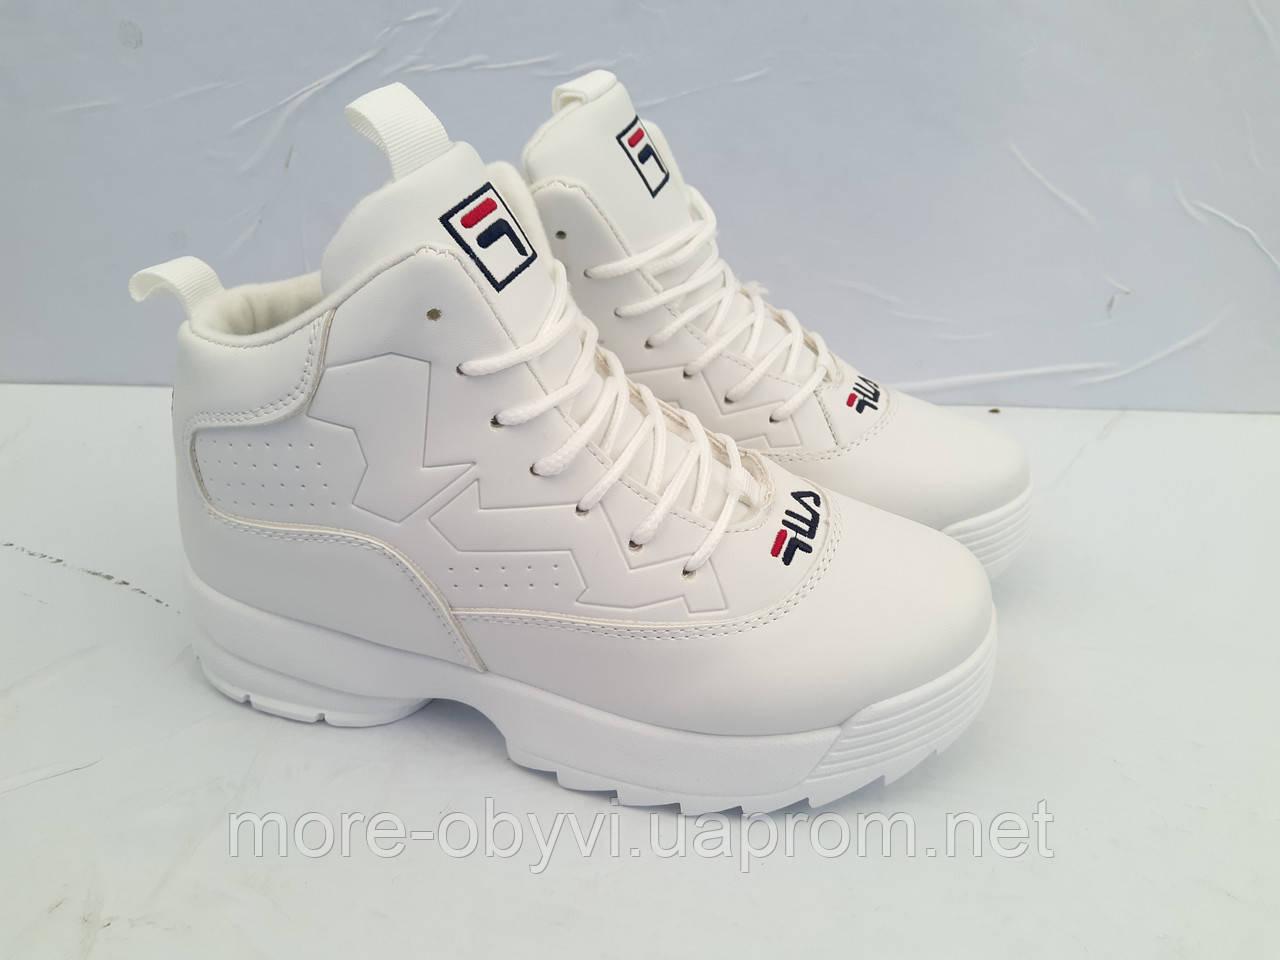 1bdaca47 Кроссовки белые зимние FILA disruptor на меху размер 36-41: продажа ...